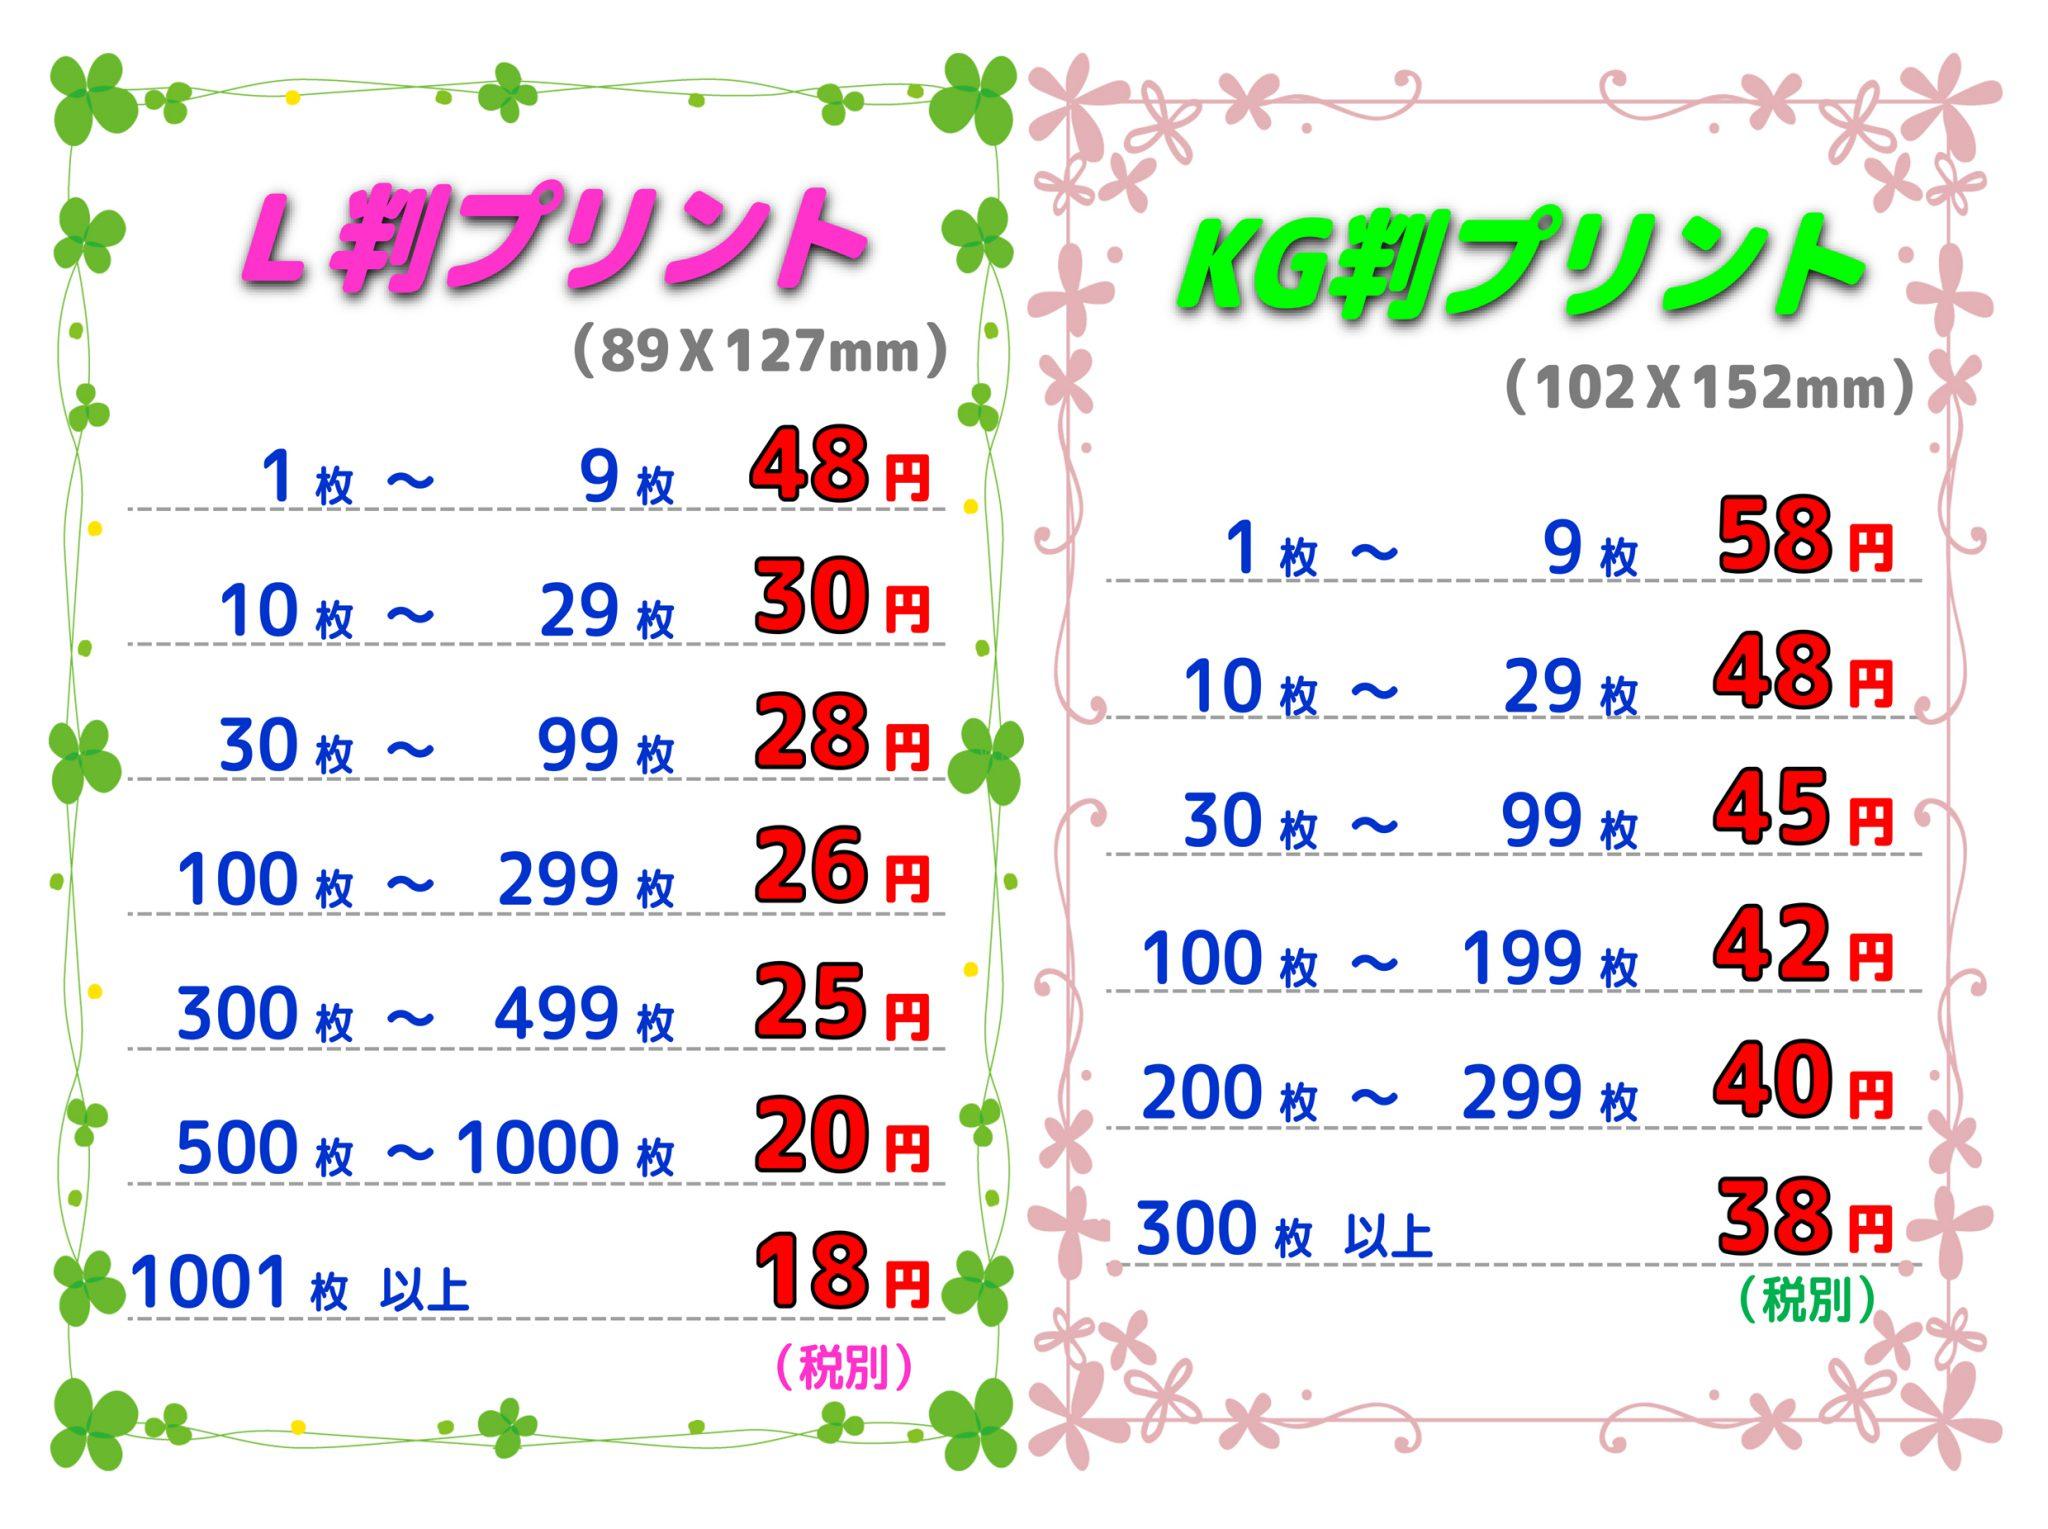 L判・KG判の複数枚注文した場合の価格